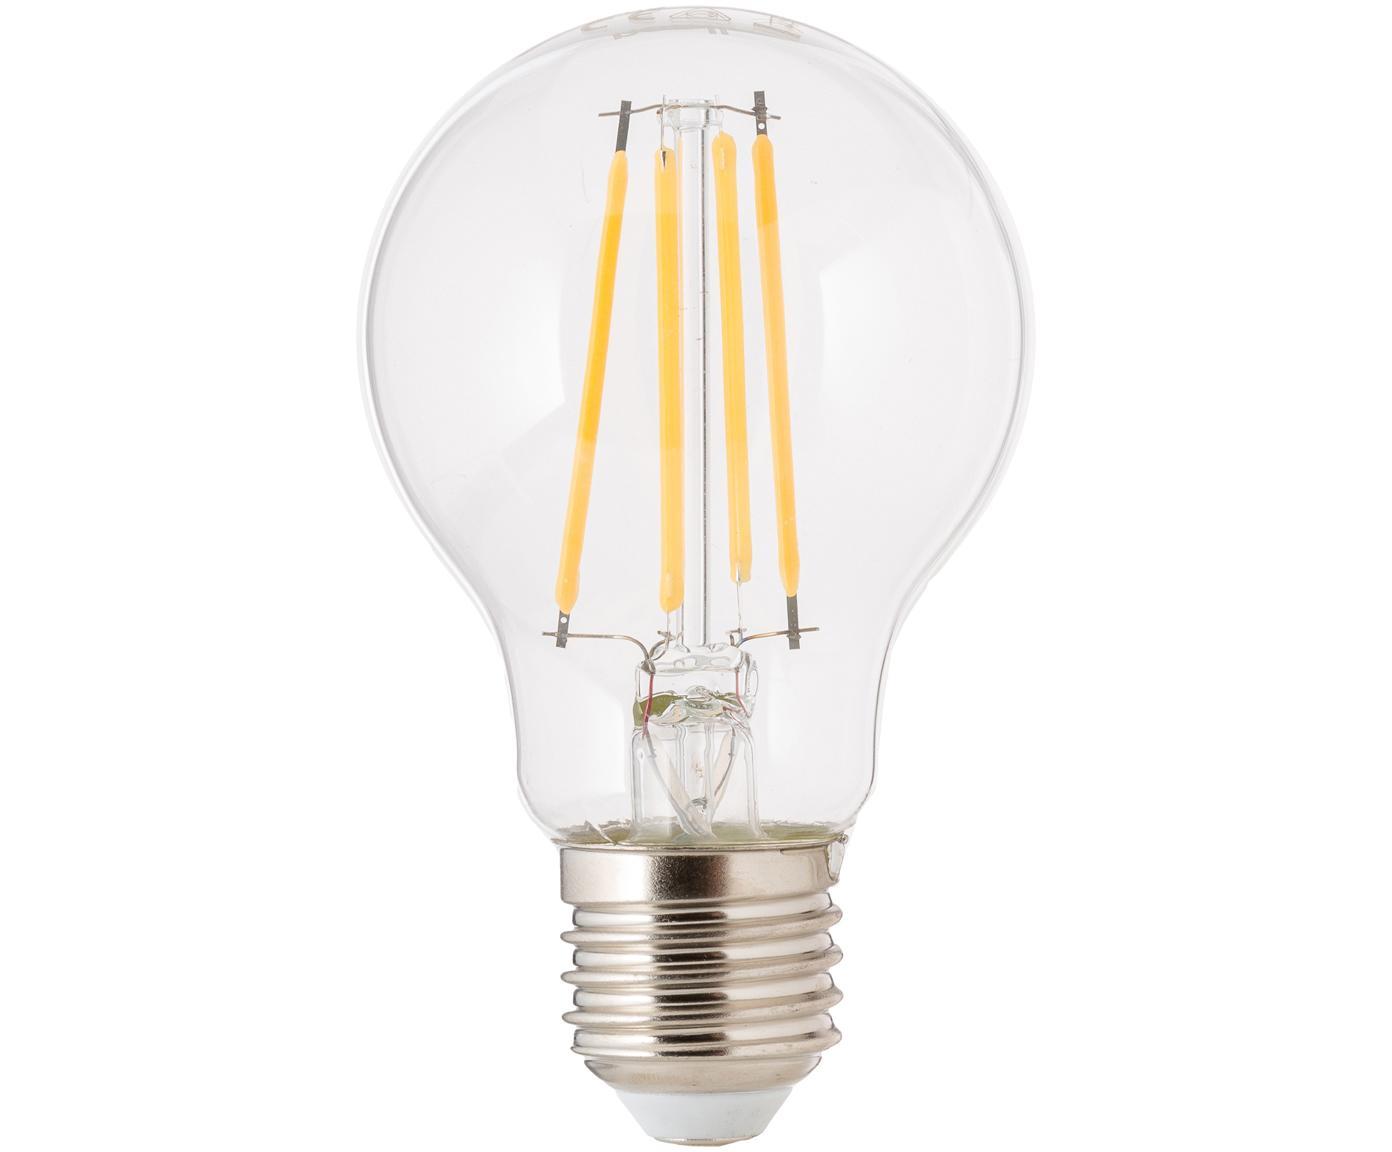 Bombilla regulable LED Cherub (E27/8Watt), Ampolla: vidrio, Casquillo: aluminio, Transparente, Ø 8 x Al 10 cm